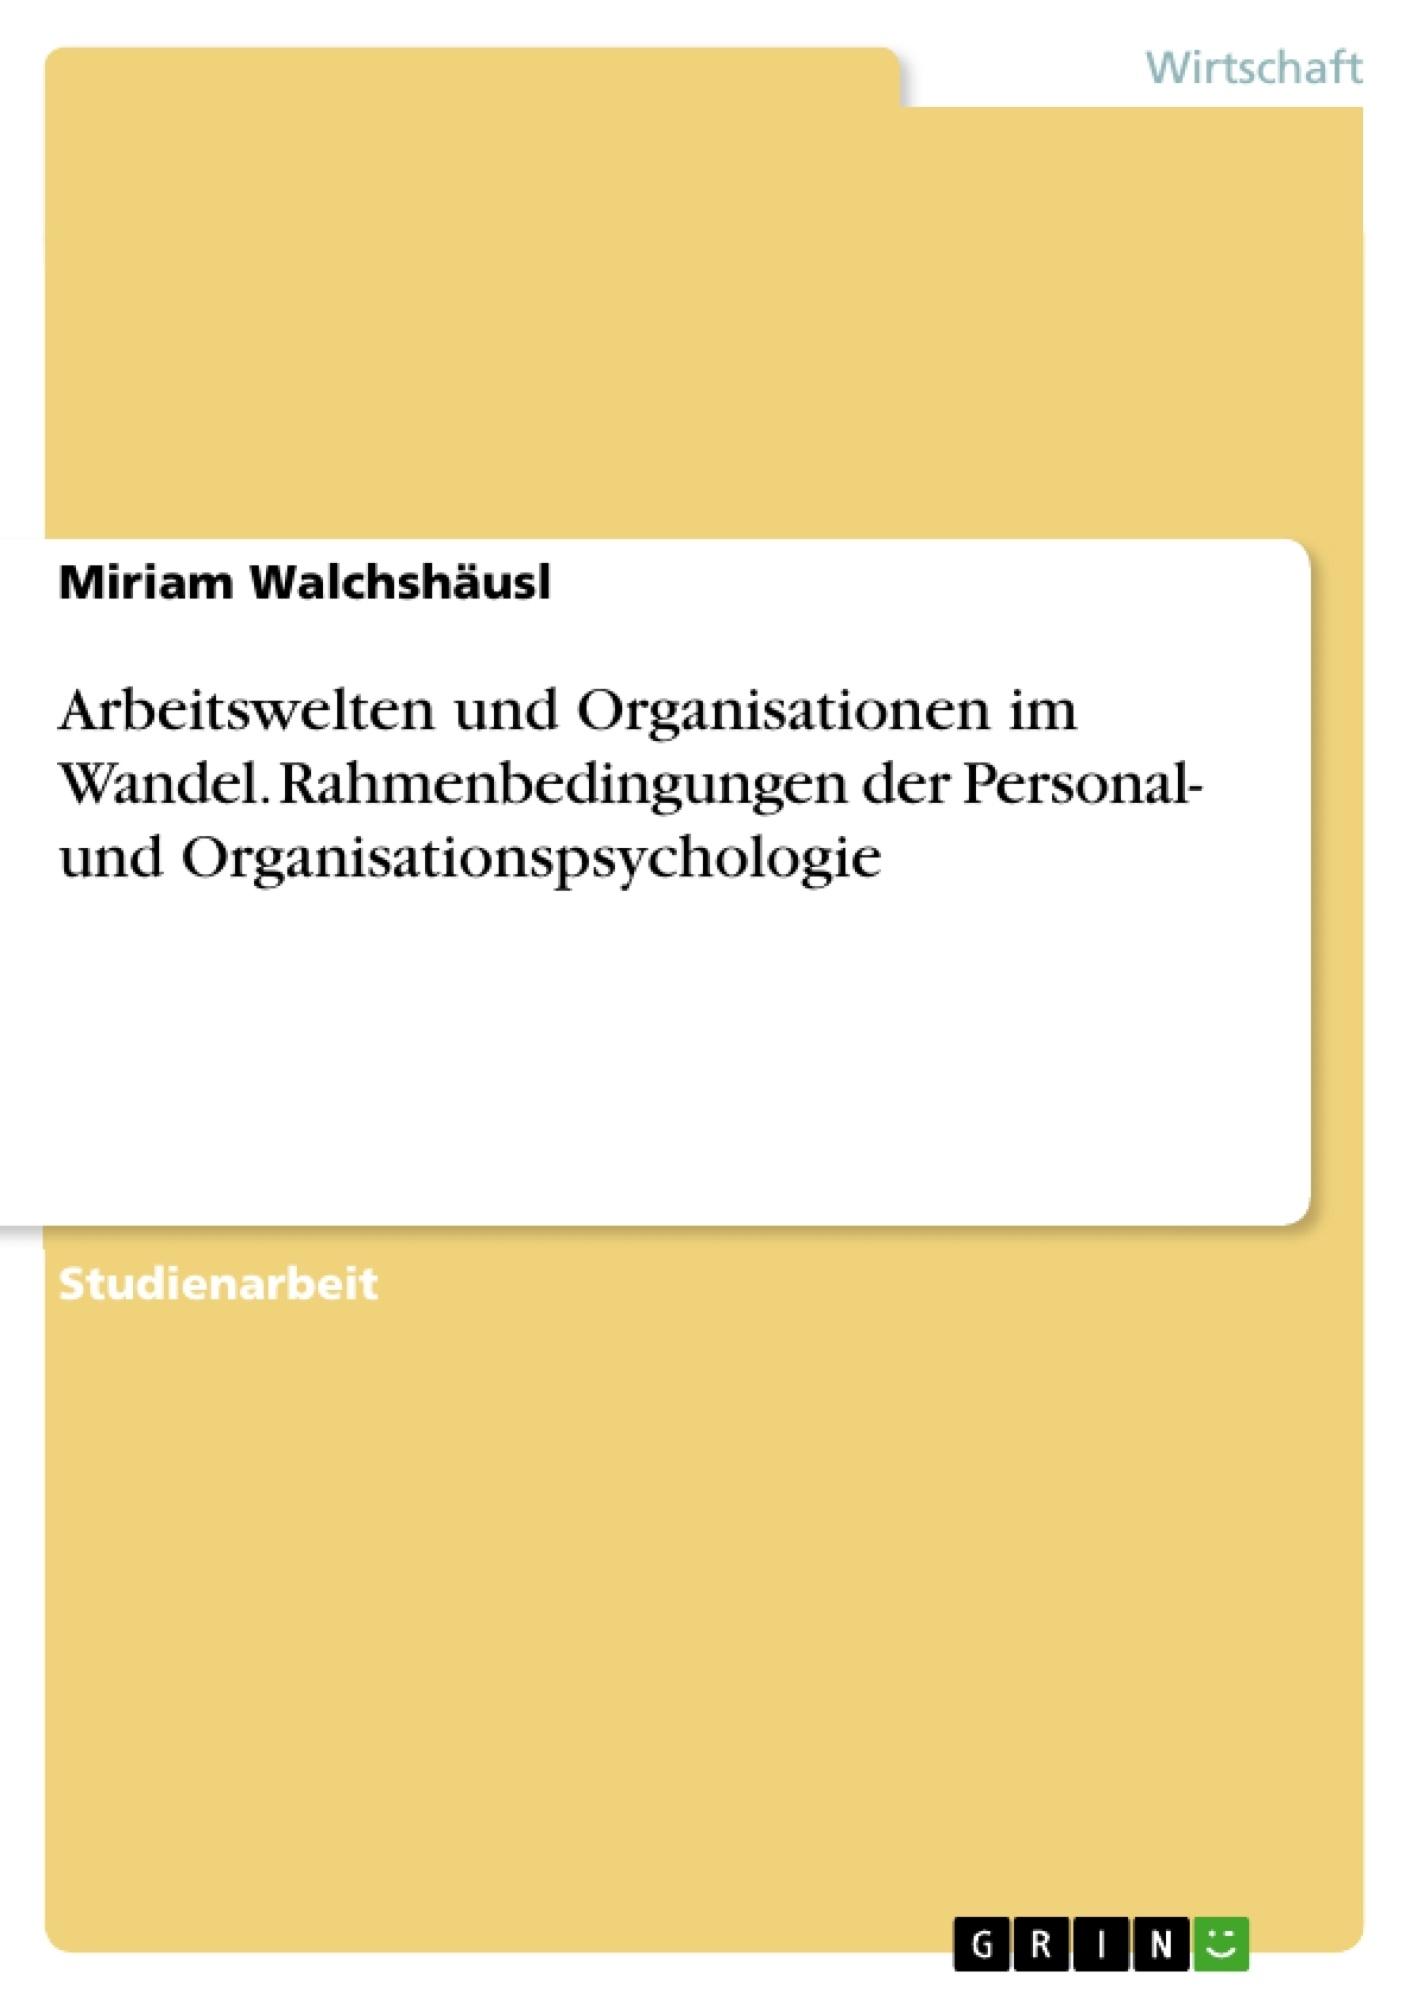 Titel: Arbeitswelten und Organisationen im Wandel. Rahmenbedingungen der Personal- und Organisationspsychologie